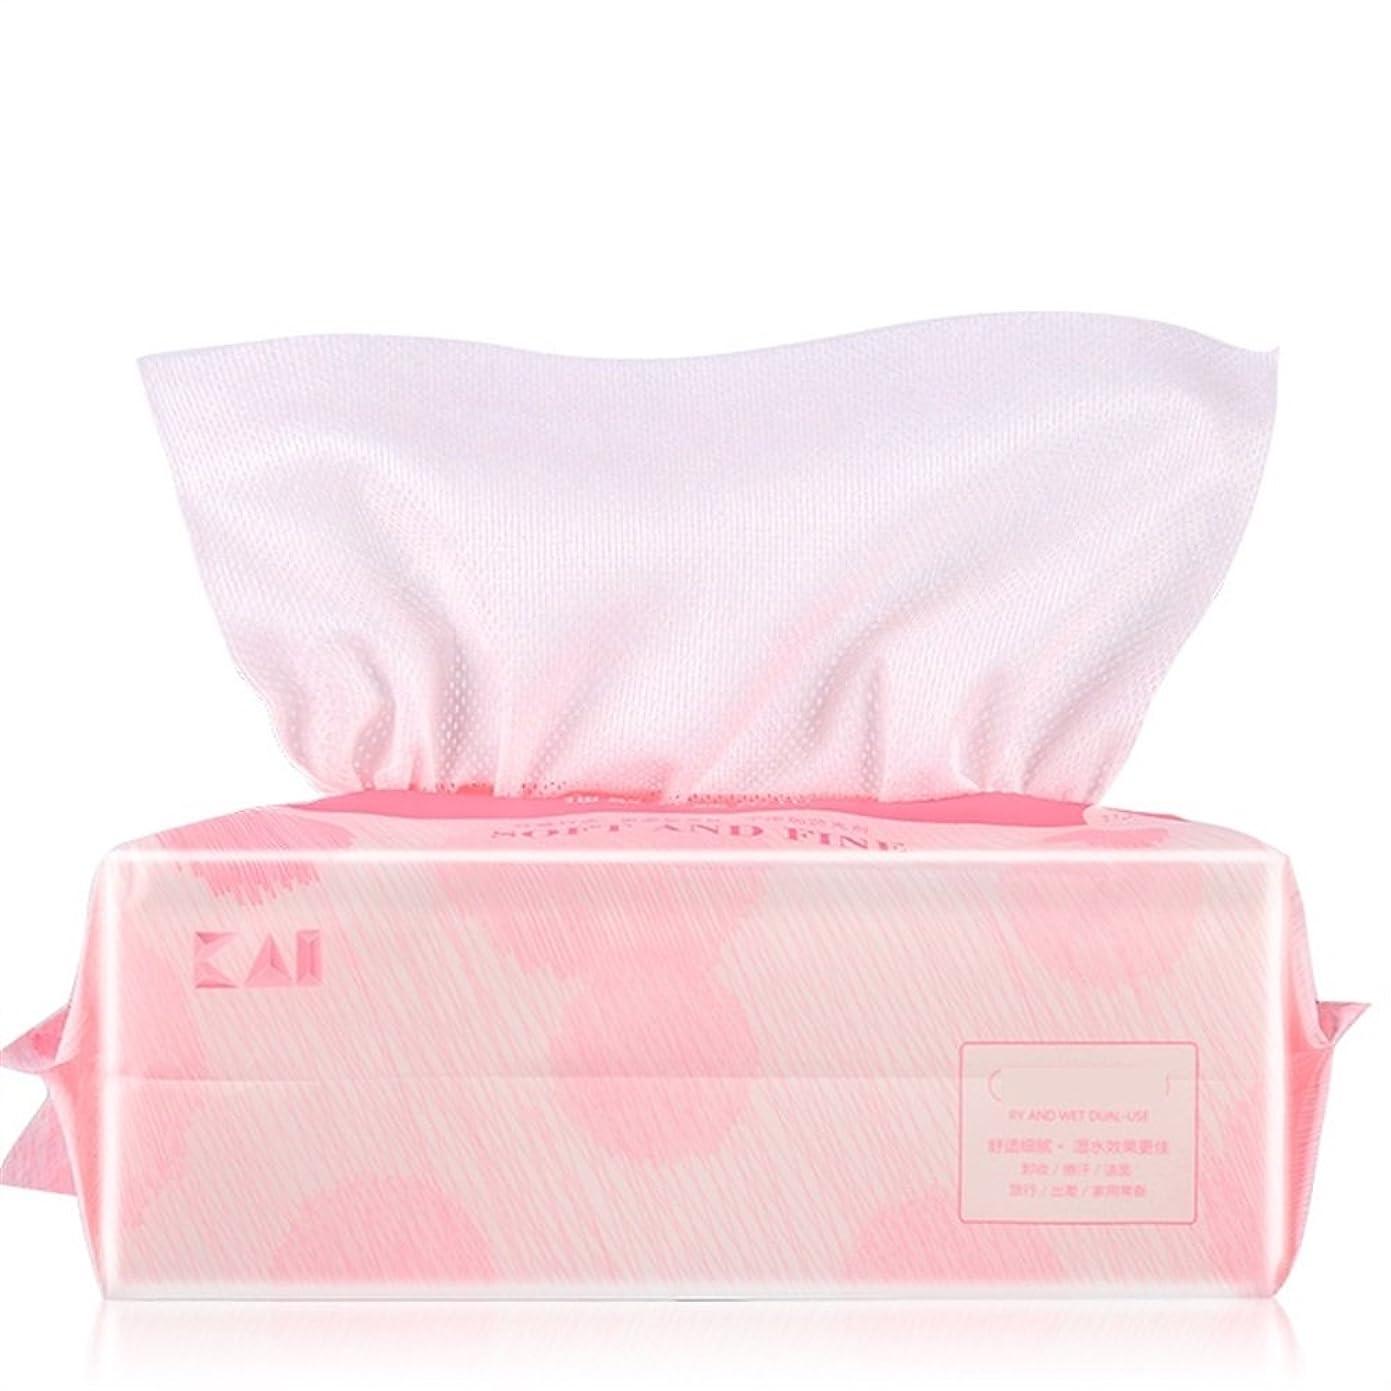 領事館ゼリー数学Aorunji 柔らかい ナチュラルフェイシャルコットンティッシュコットンソフトタオル吸収コットンパッド(メイクアップリムーバー、ネイルポリッシュ用)ウェット/ドライクリーニング用ワイプ(Appr.100pcs) (色 : Pink)